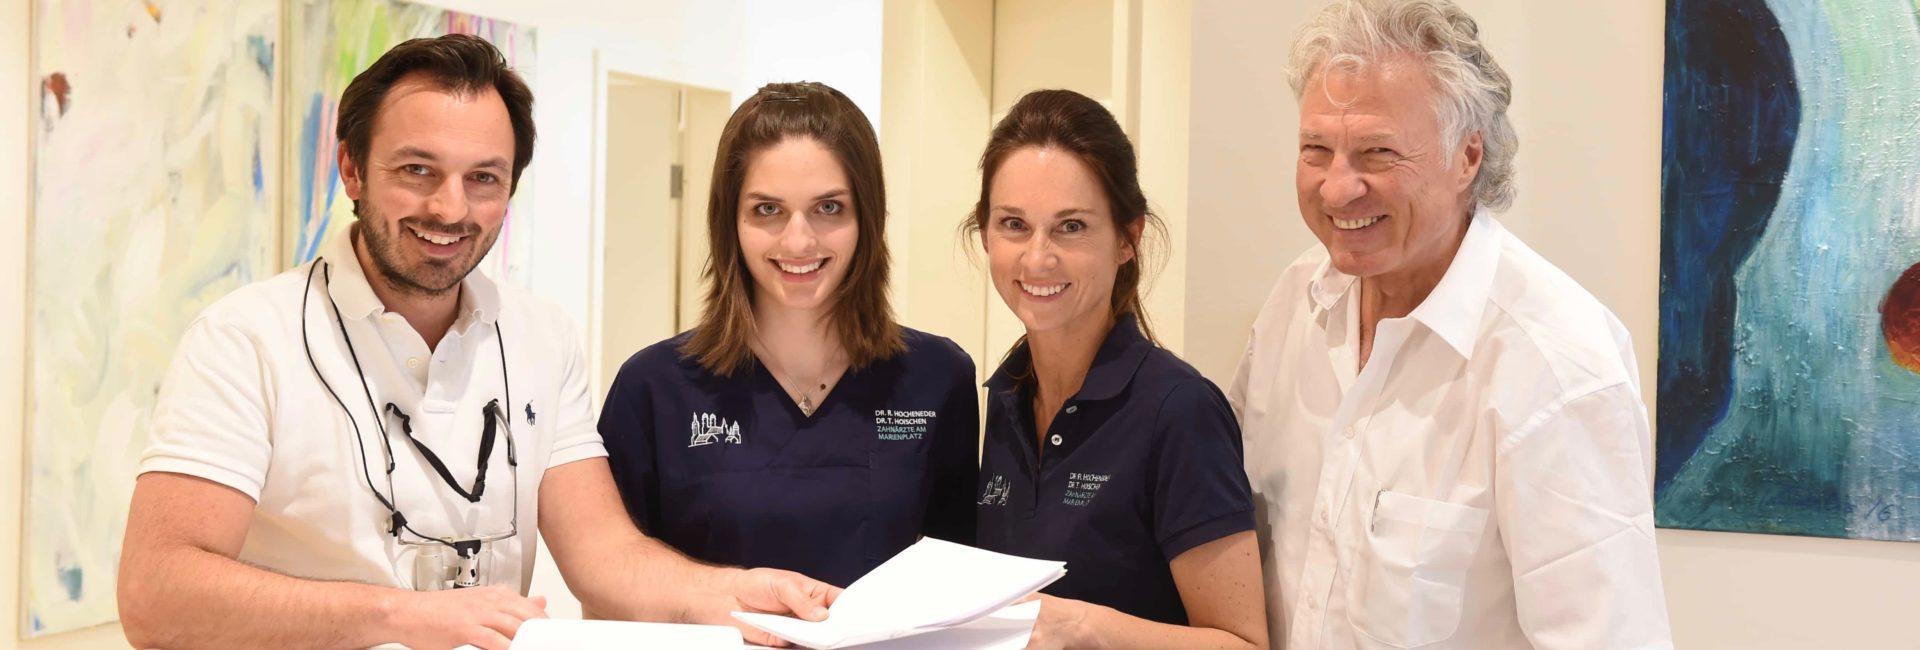 zwei Zahnärzte und zwei Zahnarzthelferinnen begrüßen ihre Patienten in einer Zahnarztpraxis in München